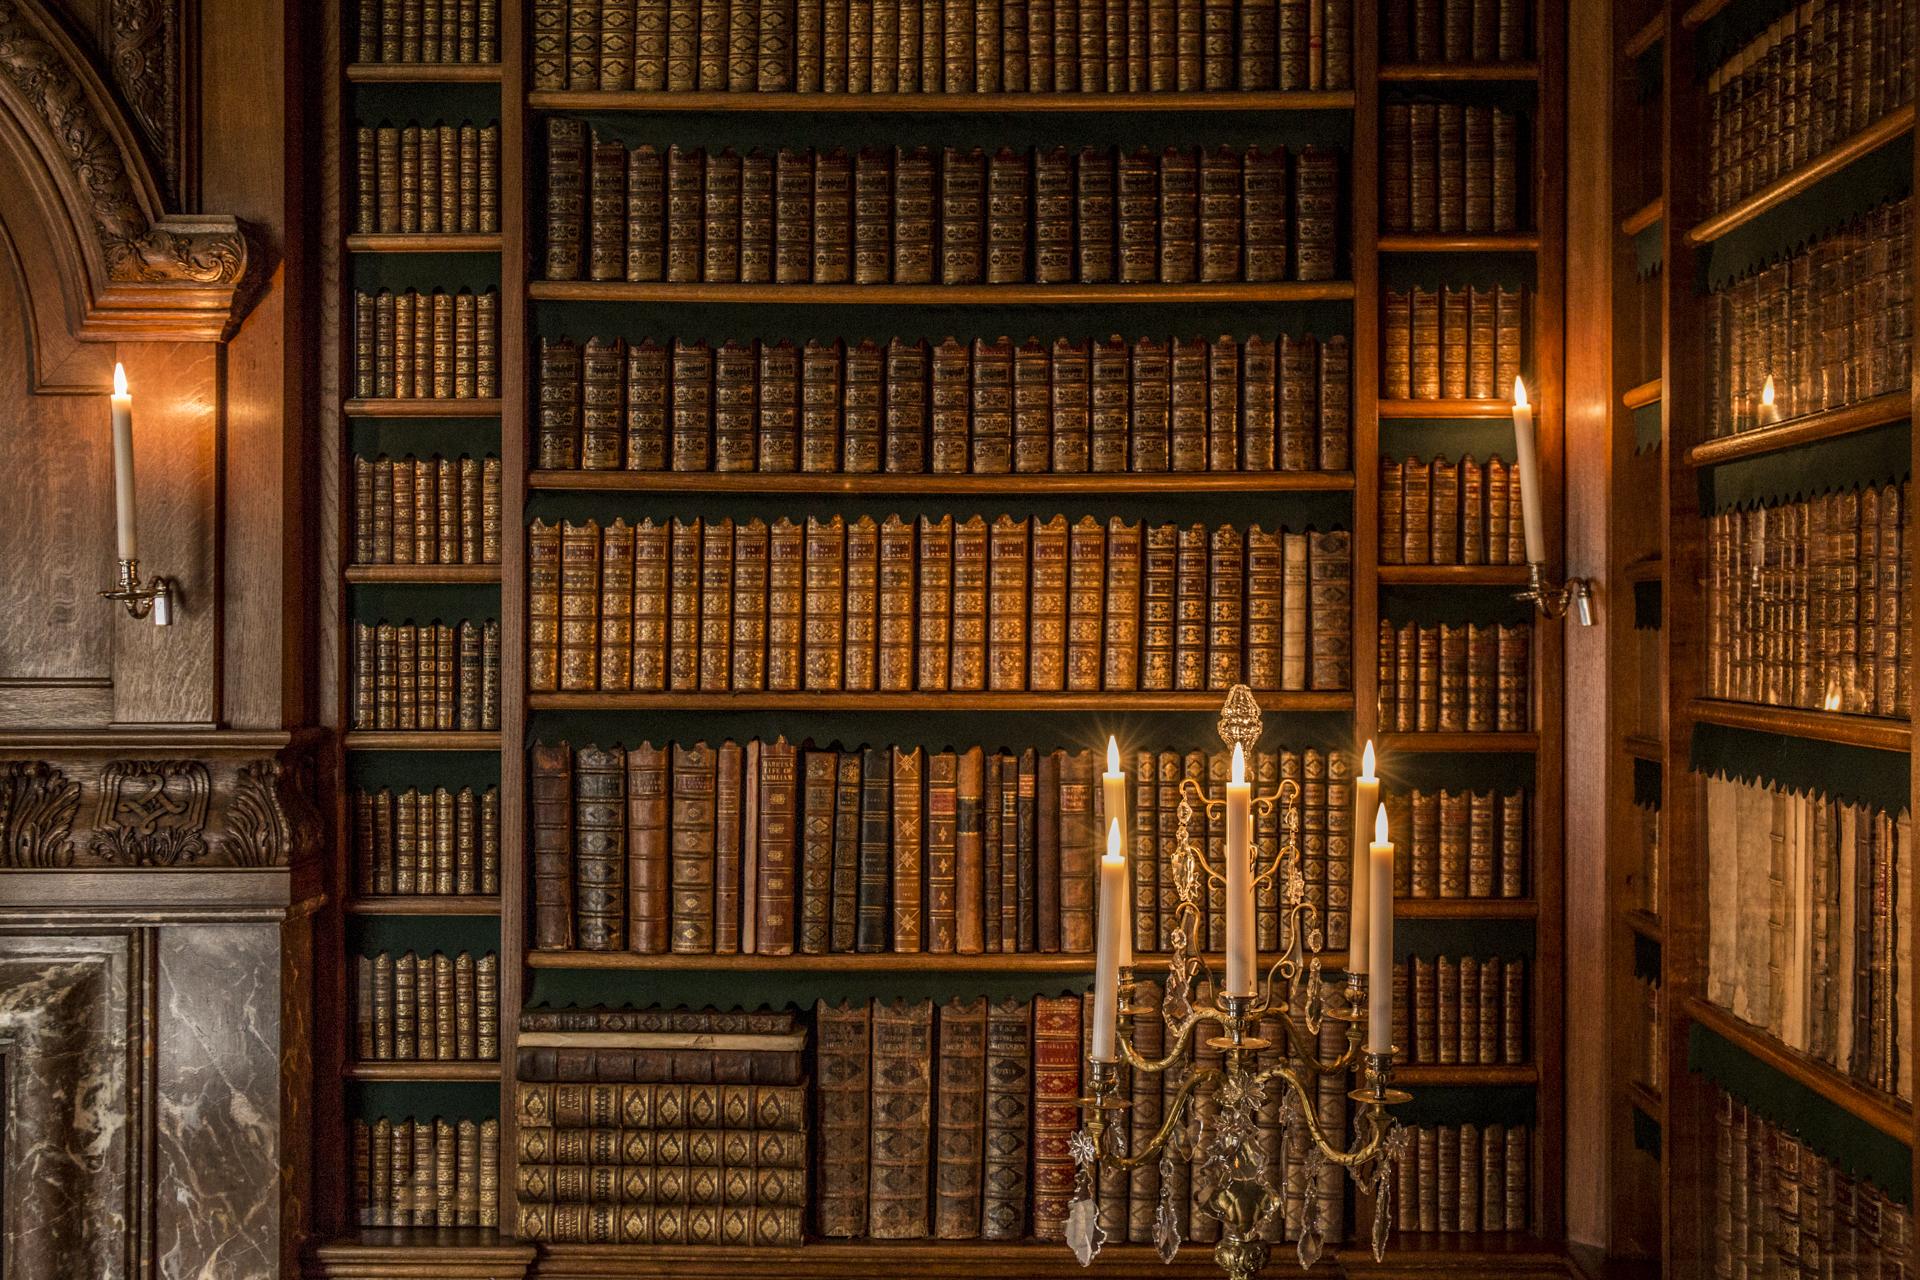 schloss bibliothek